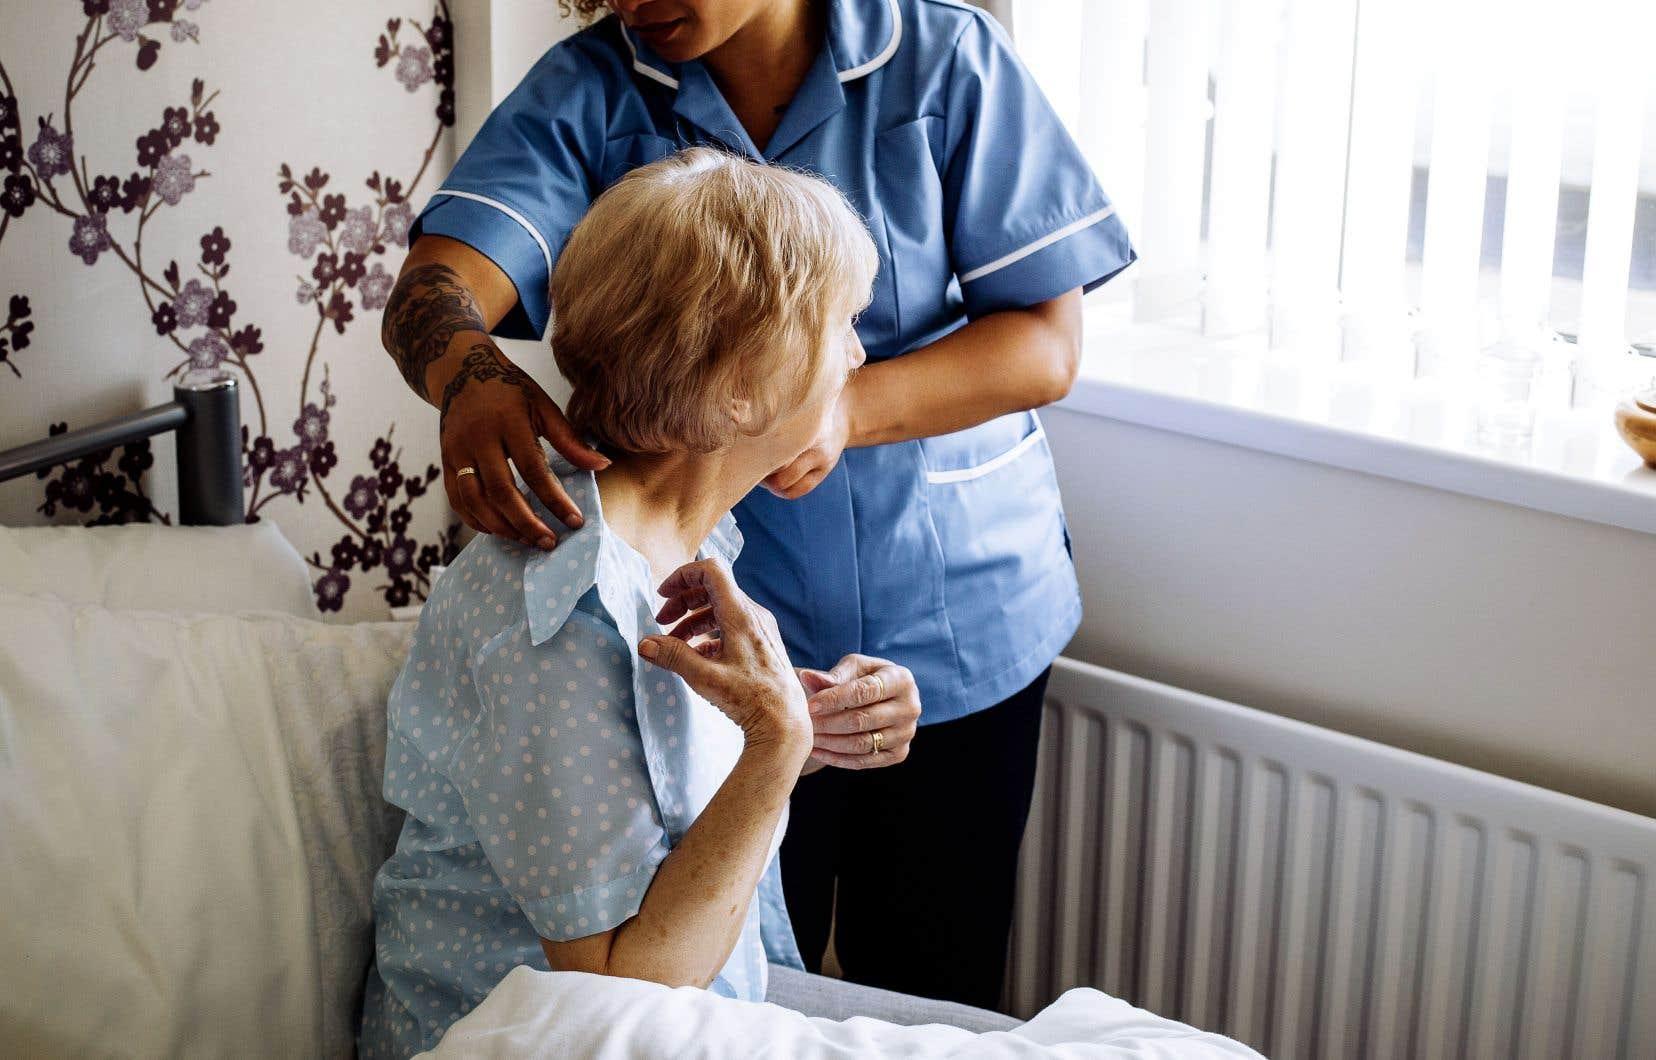 Le système d'entreprises d'économie sociale en aide à domicile, en place depuis 20 ans, compte 7800 préposés à l'aide à domicile qui offrent des services à 100000 personnes.